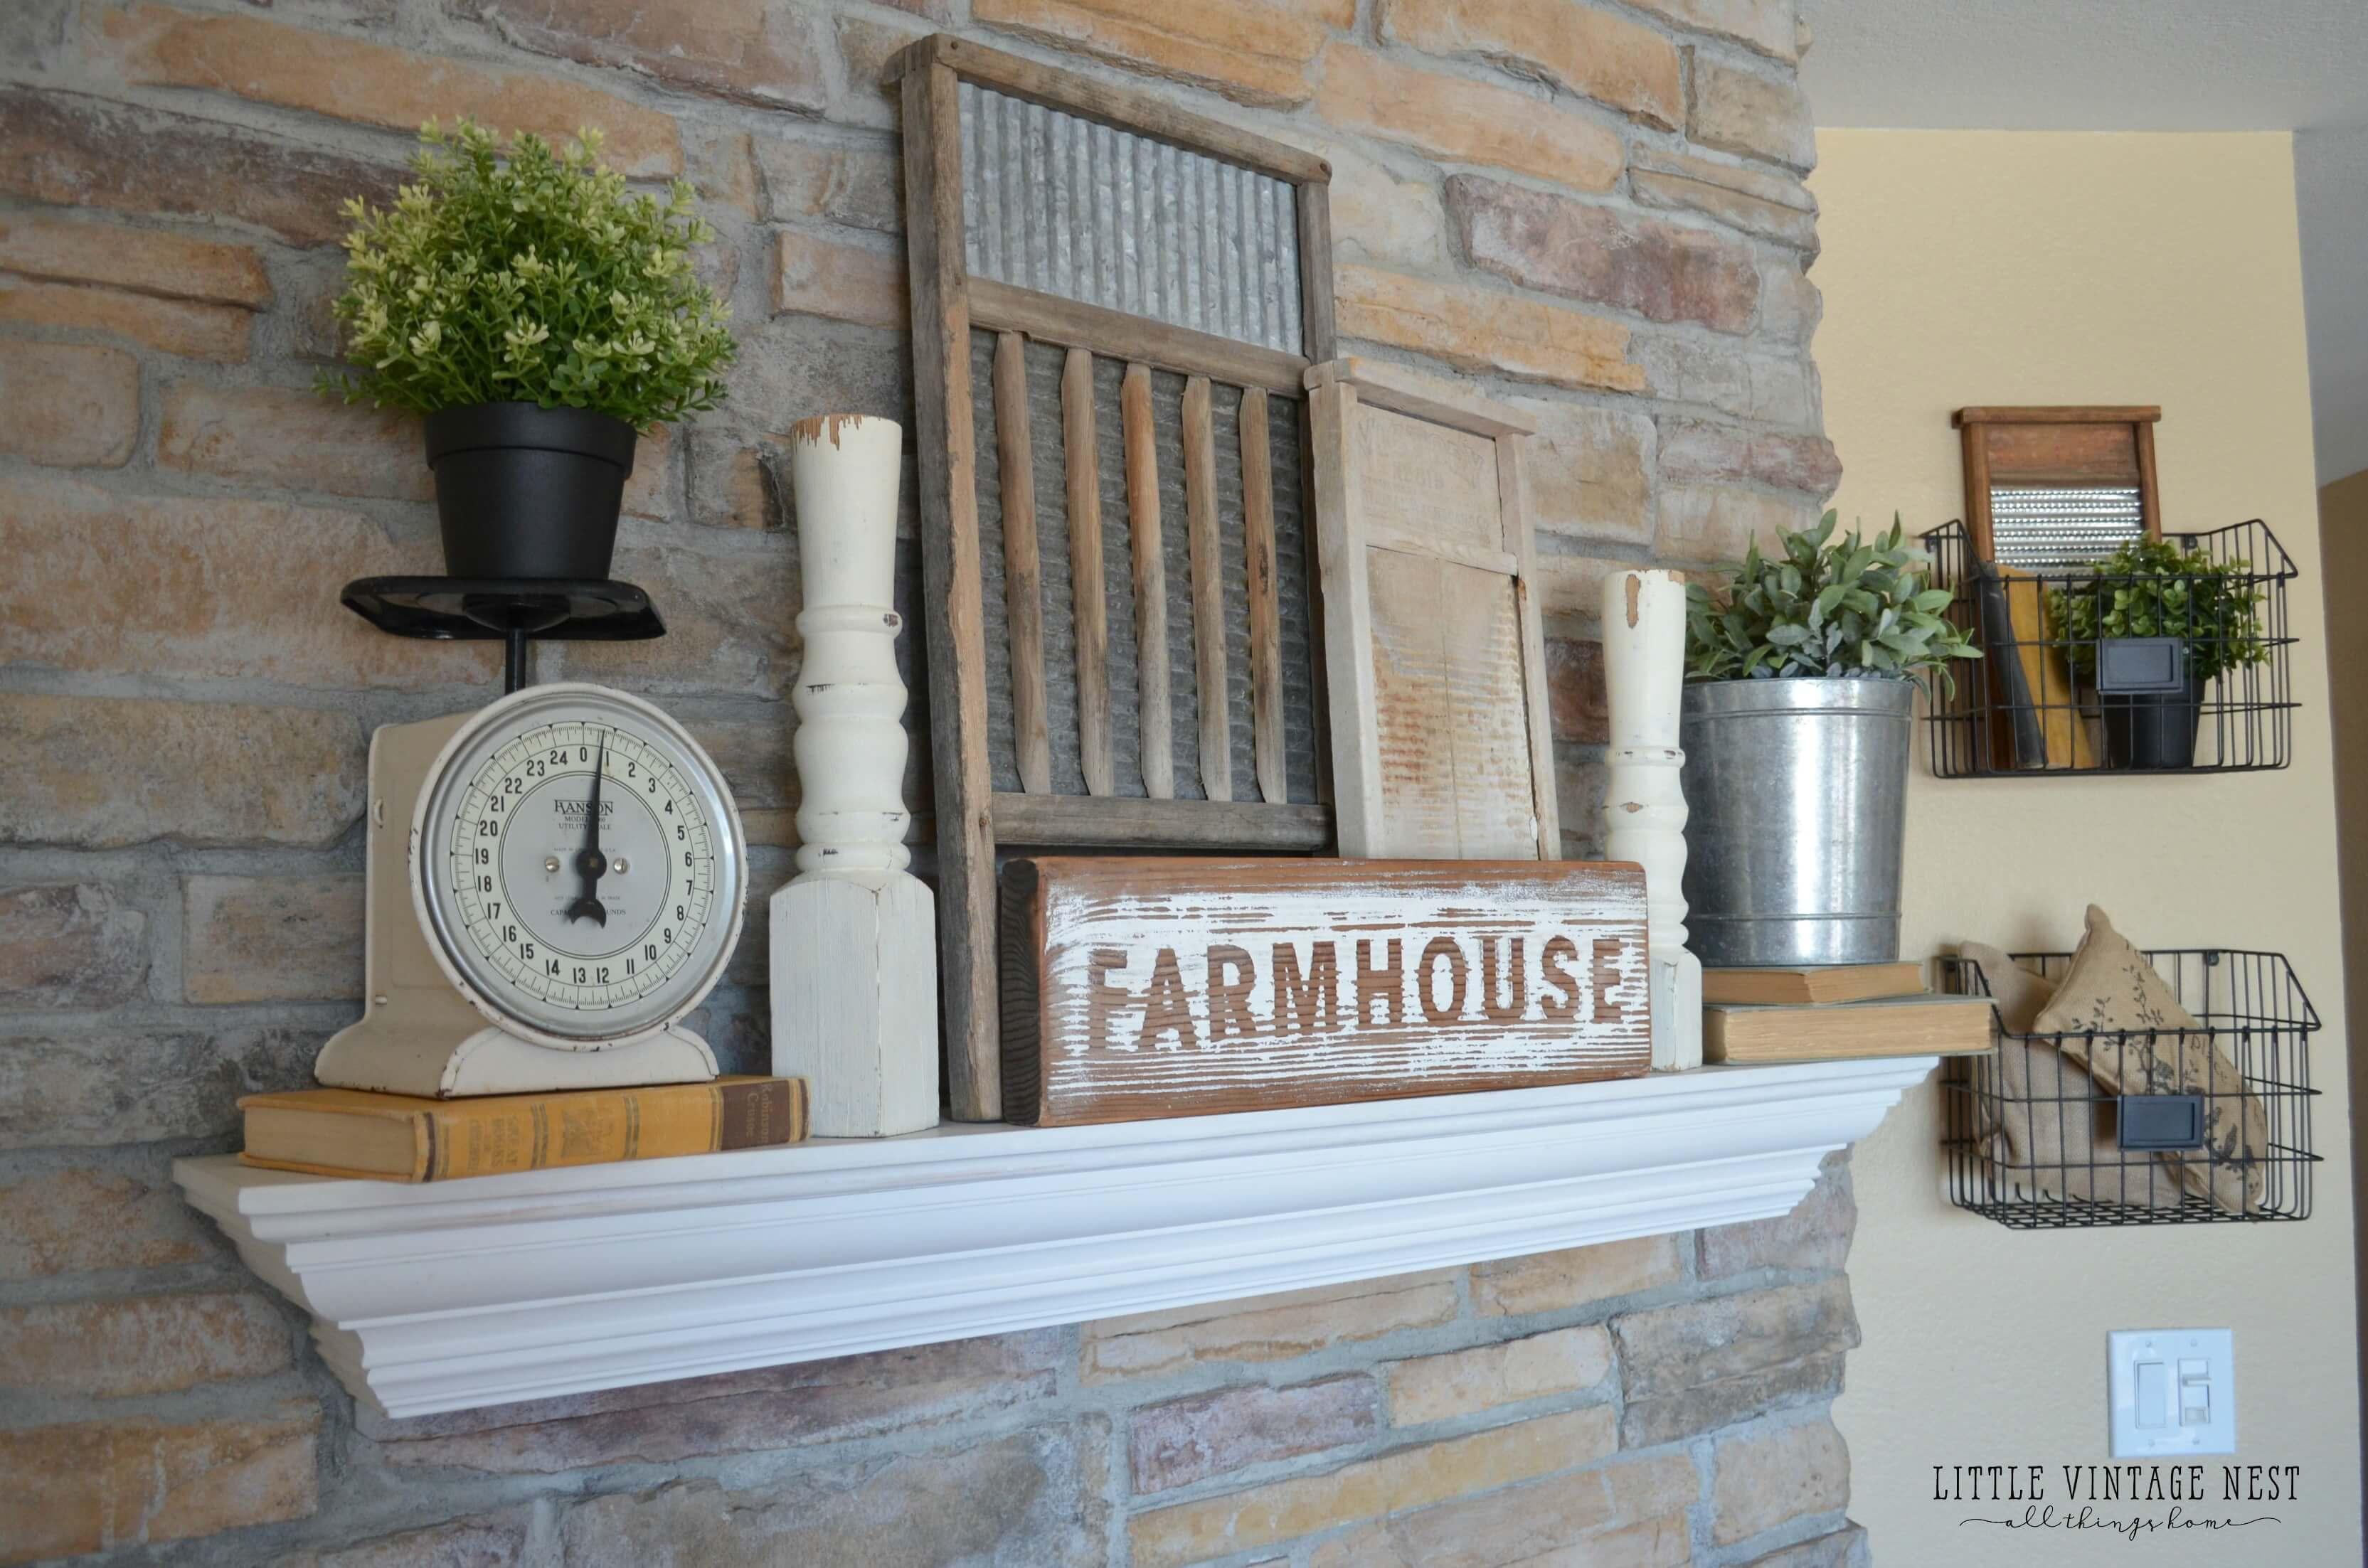 Farmhouse Mantel Decor Ideas with Signs